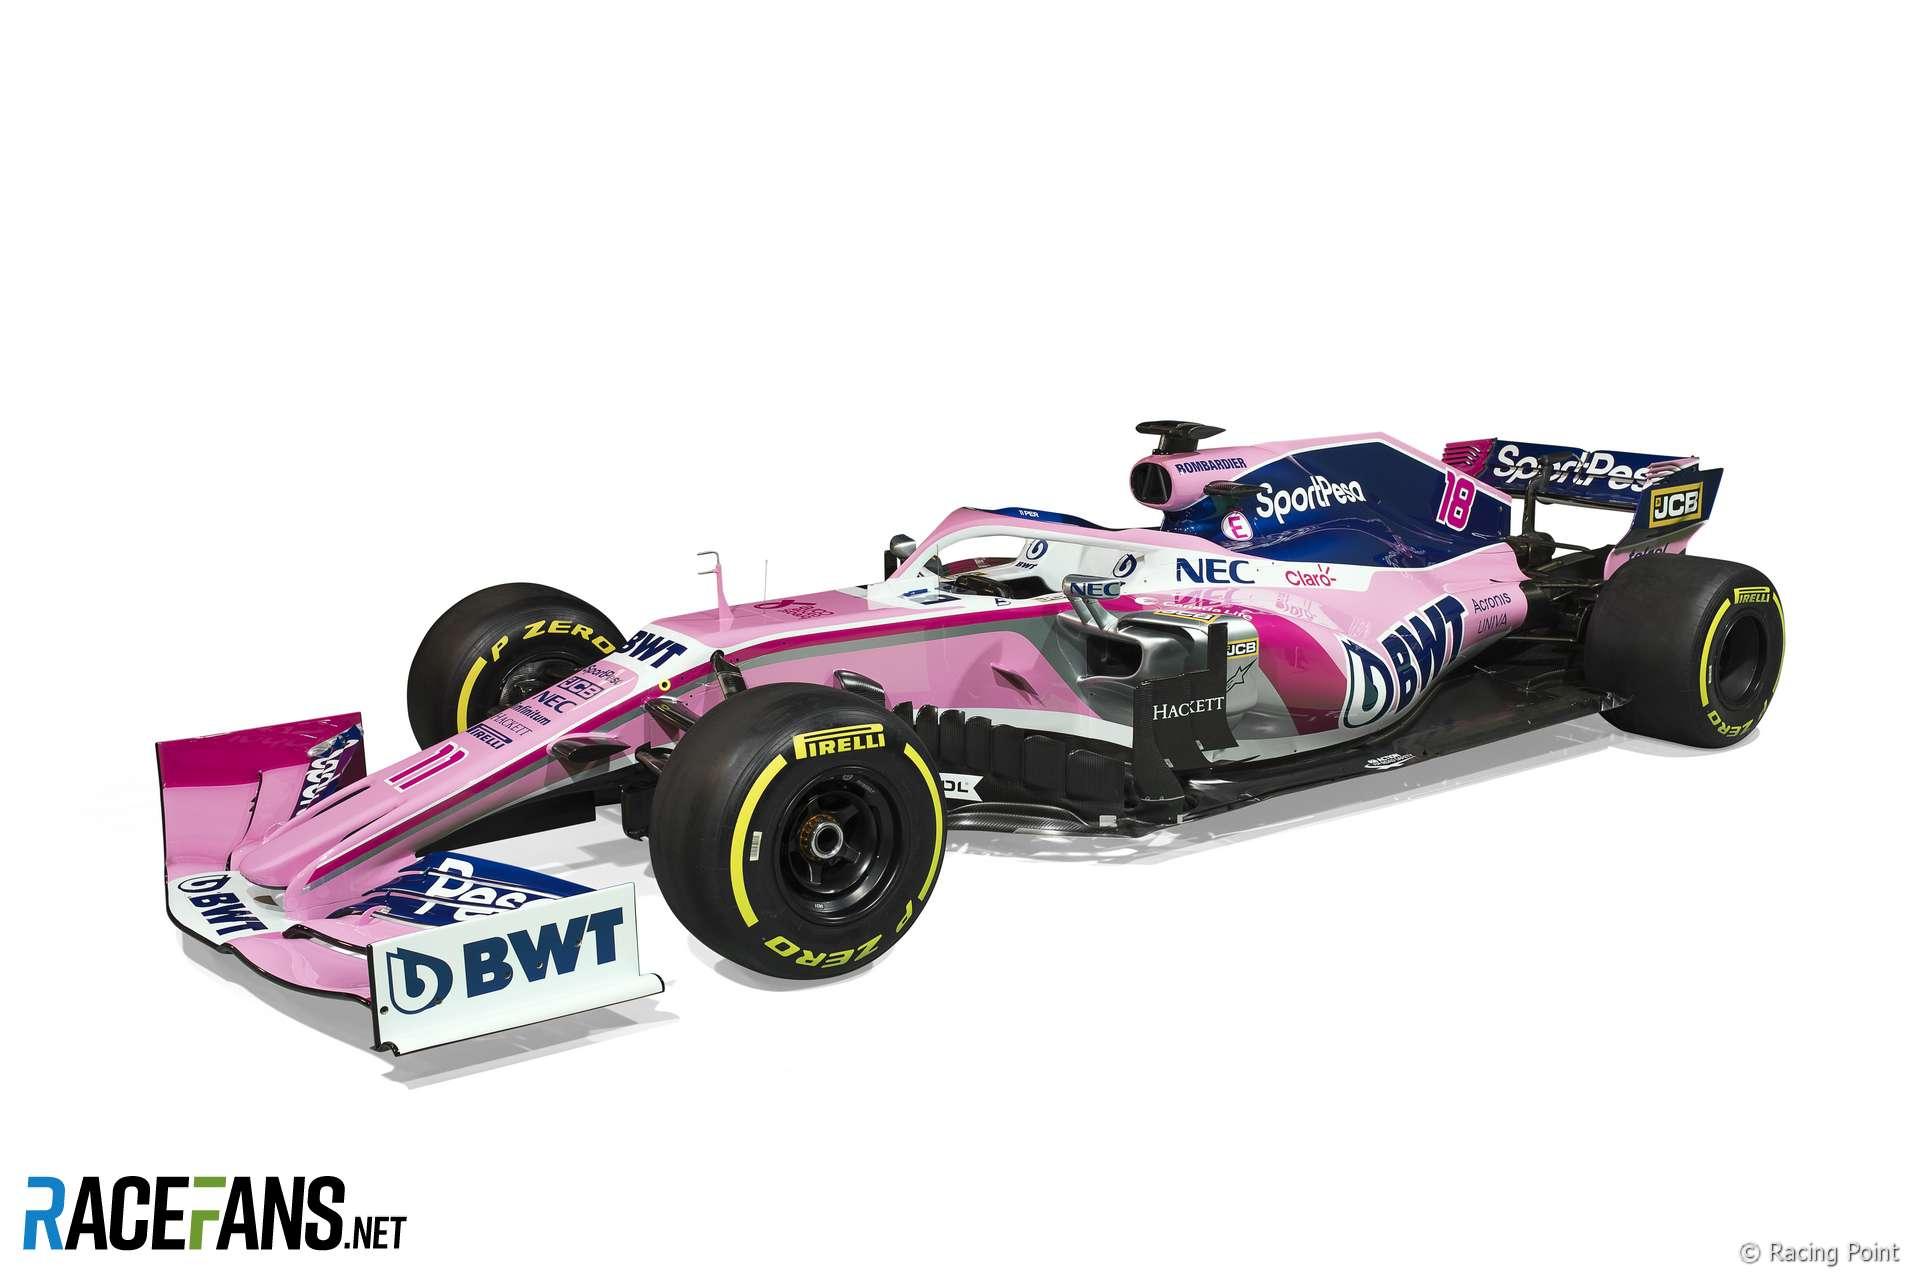 racefansdotnet-20190211-170557-4.jpg